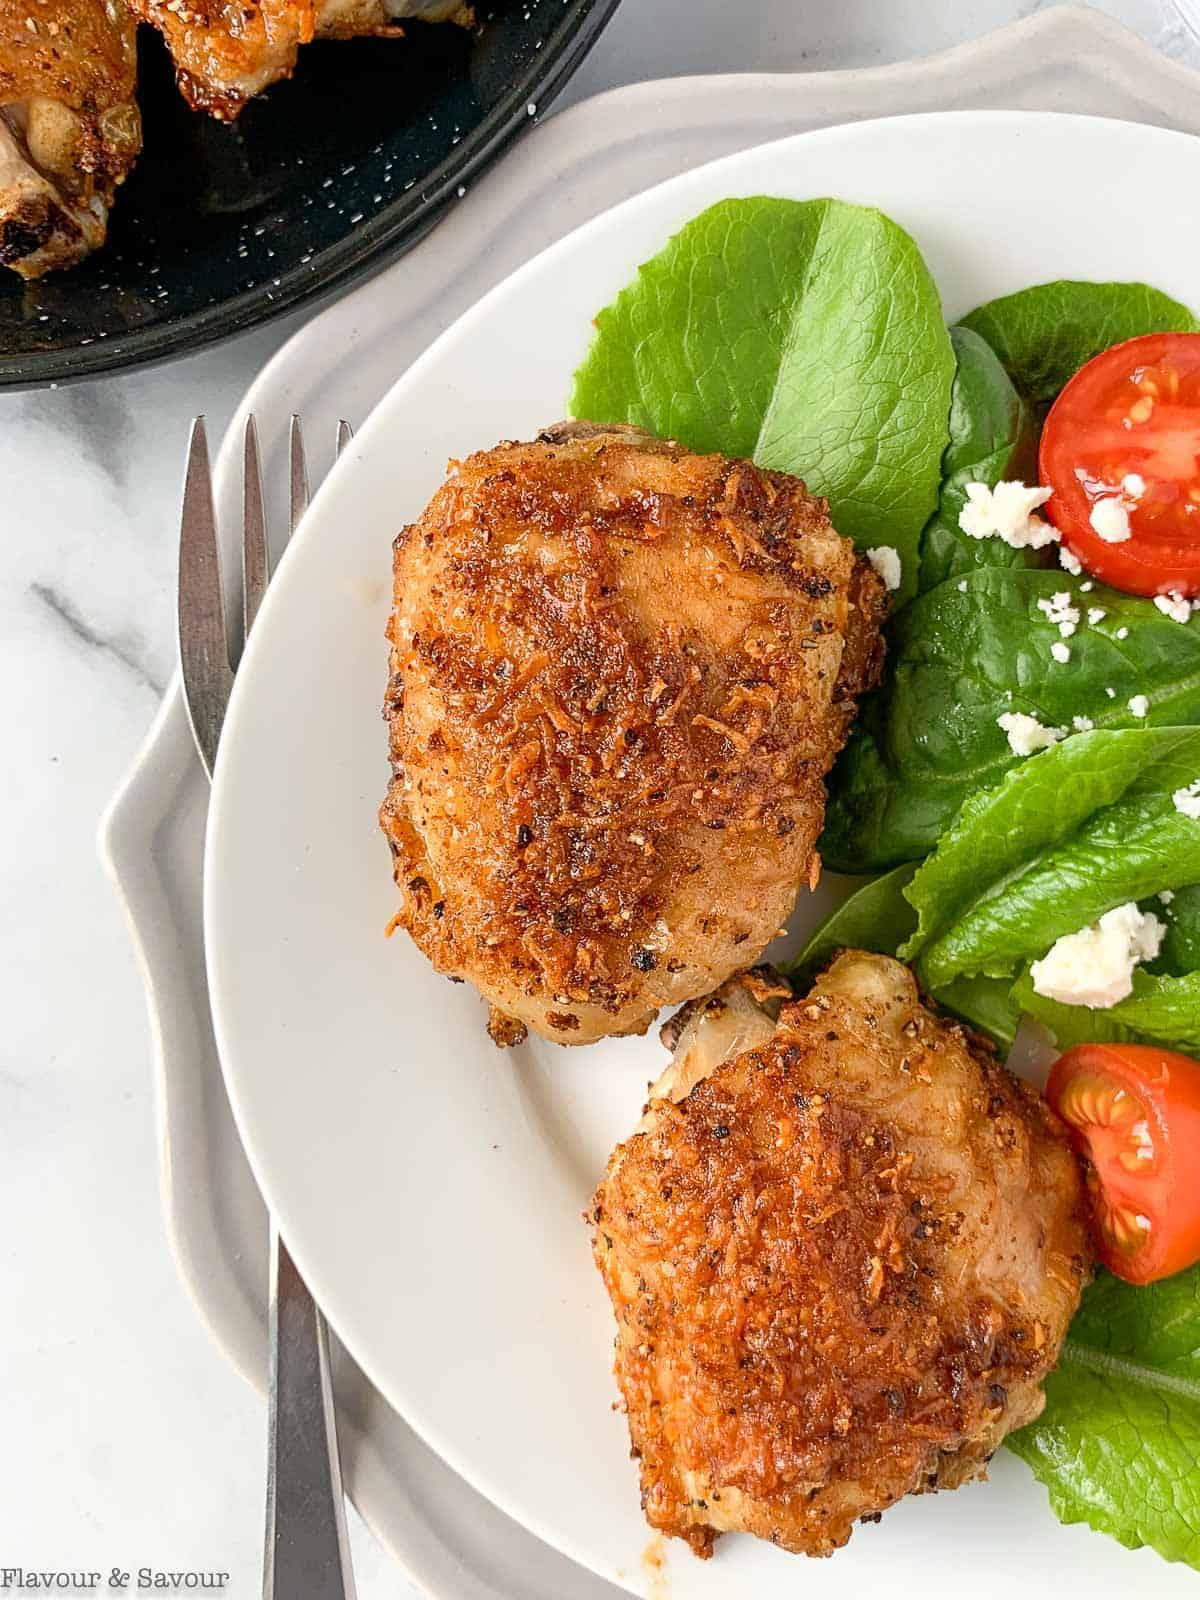 Air Fryer Garlic Parmesan Chicken with salad